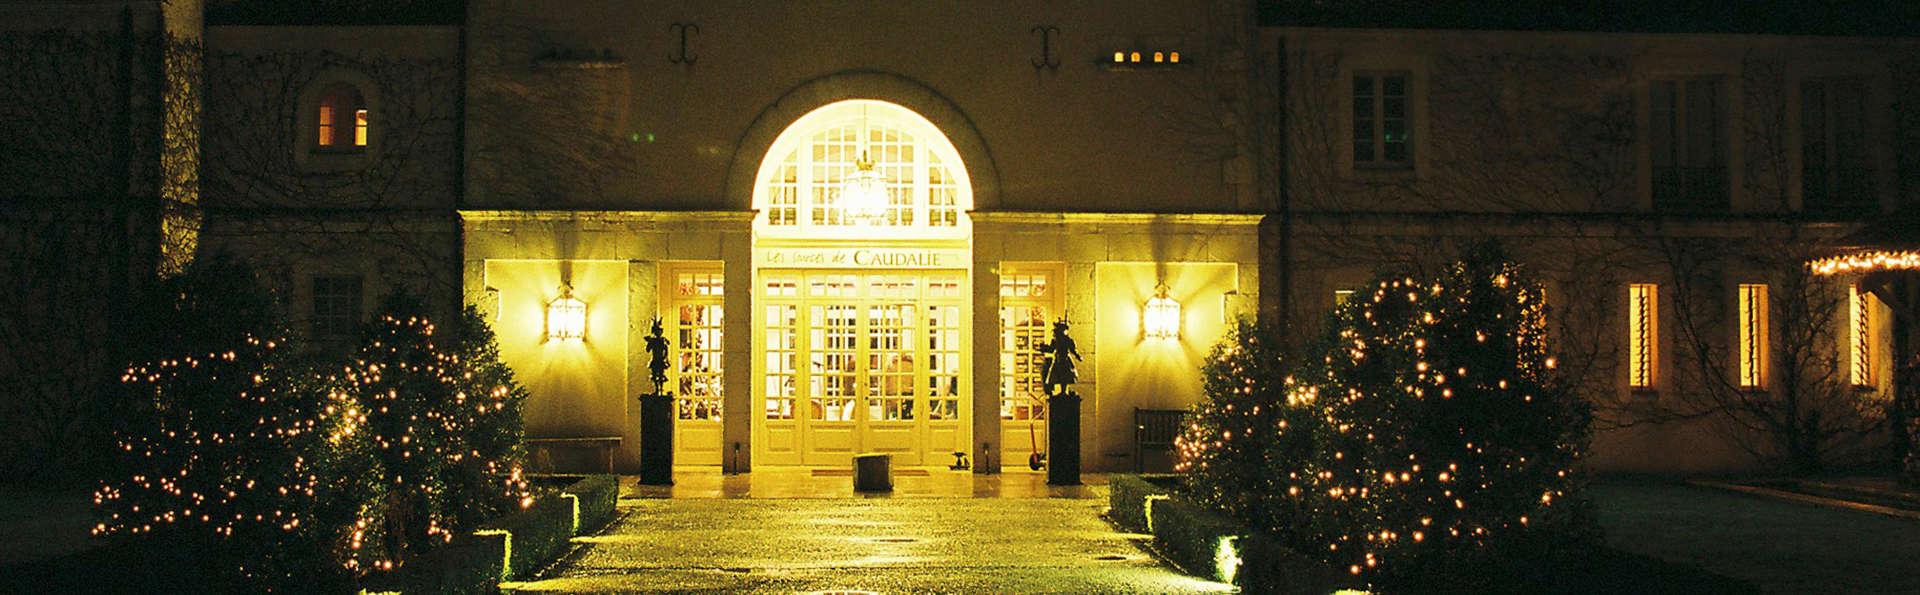 Hôtel Les Sources de Caudalie - Edit_Front8.jpg